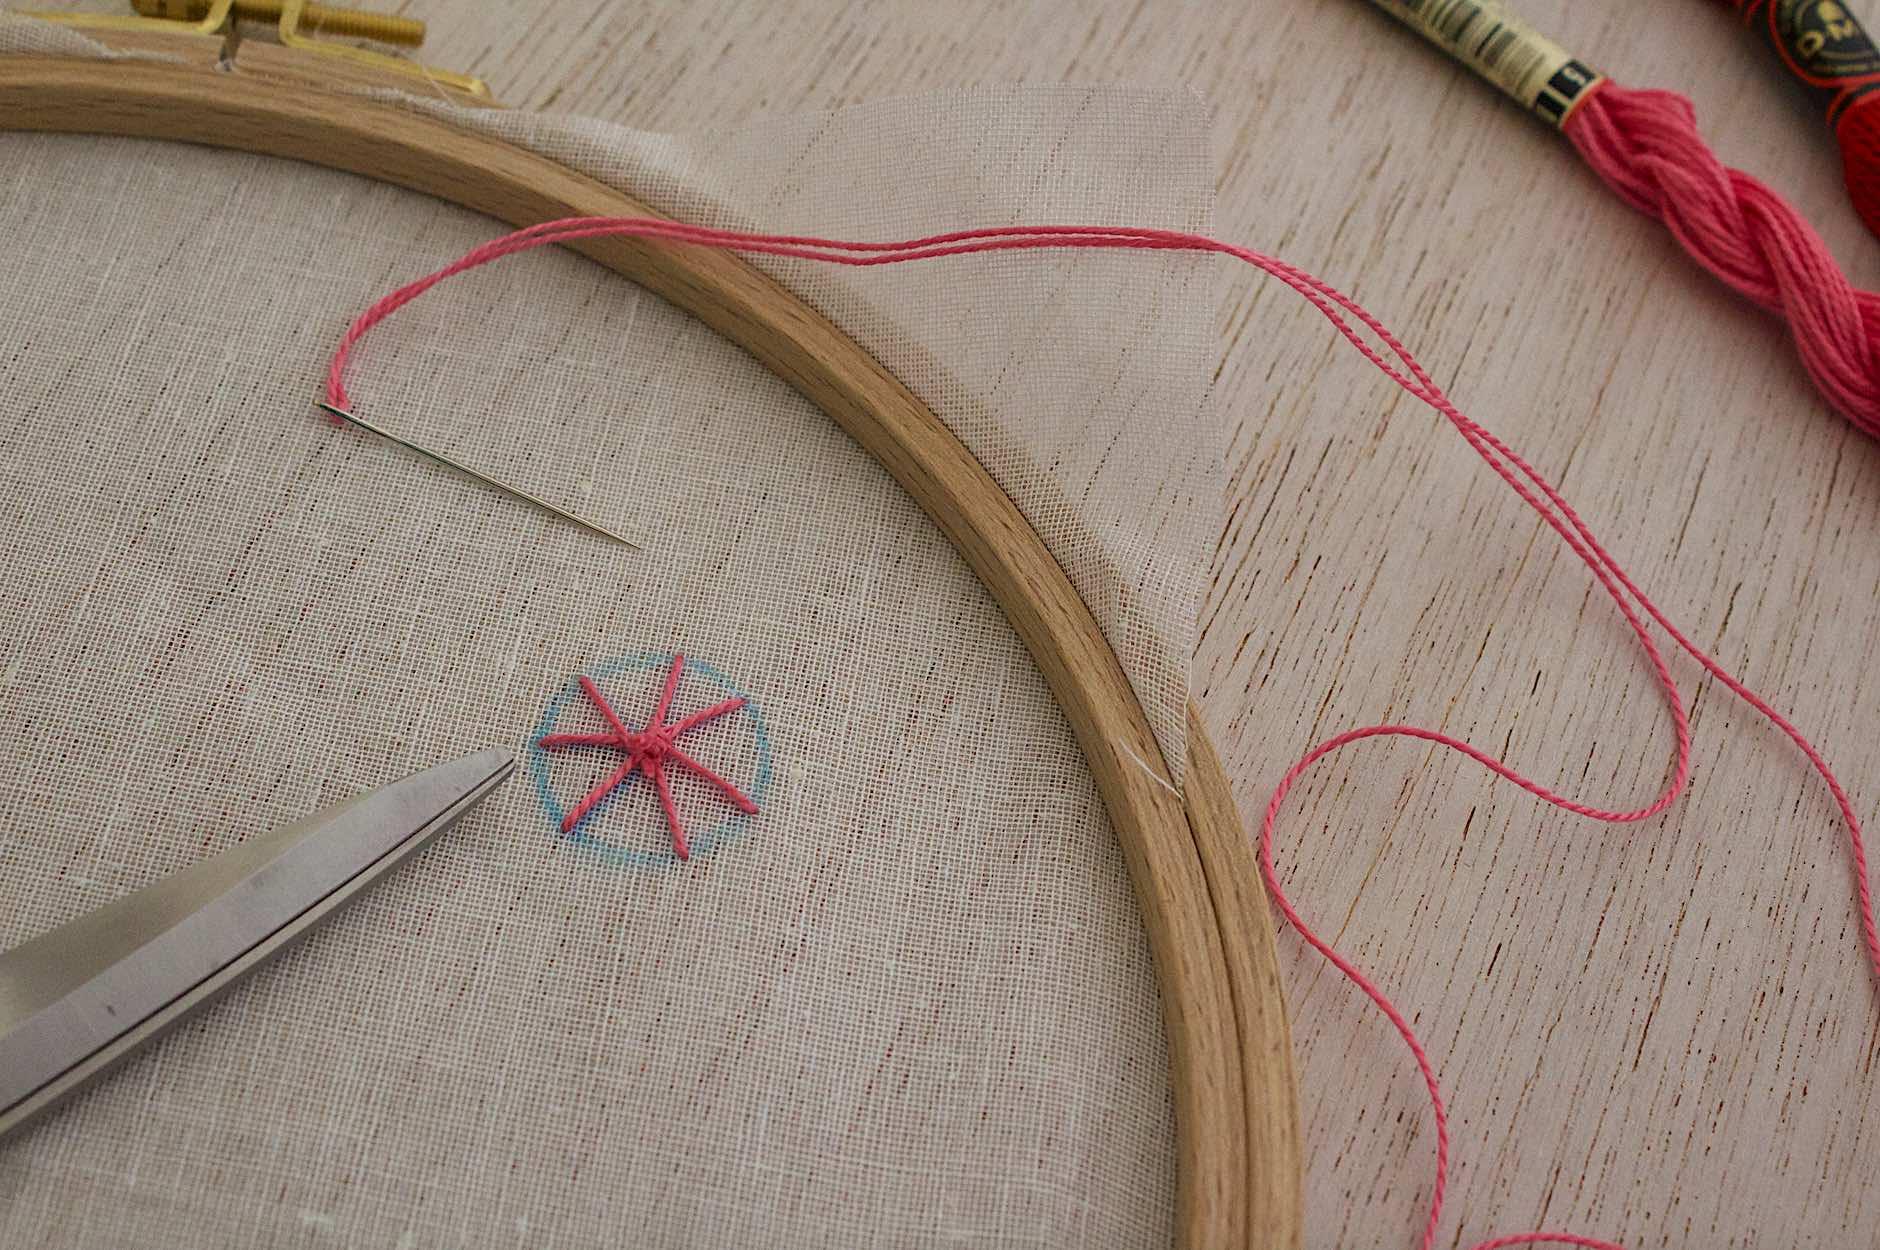 se non occorrerà più il filo potrà essere tagliato sul retro